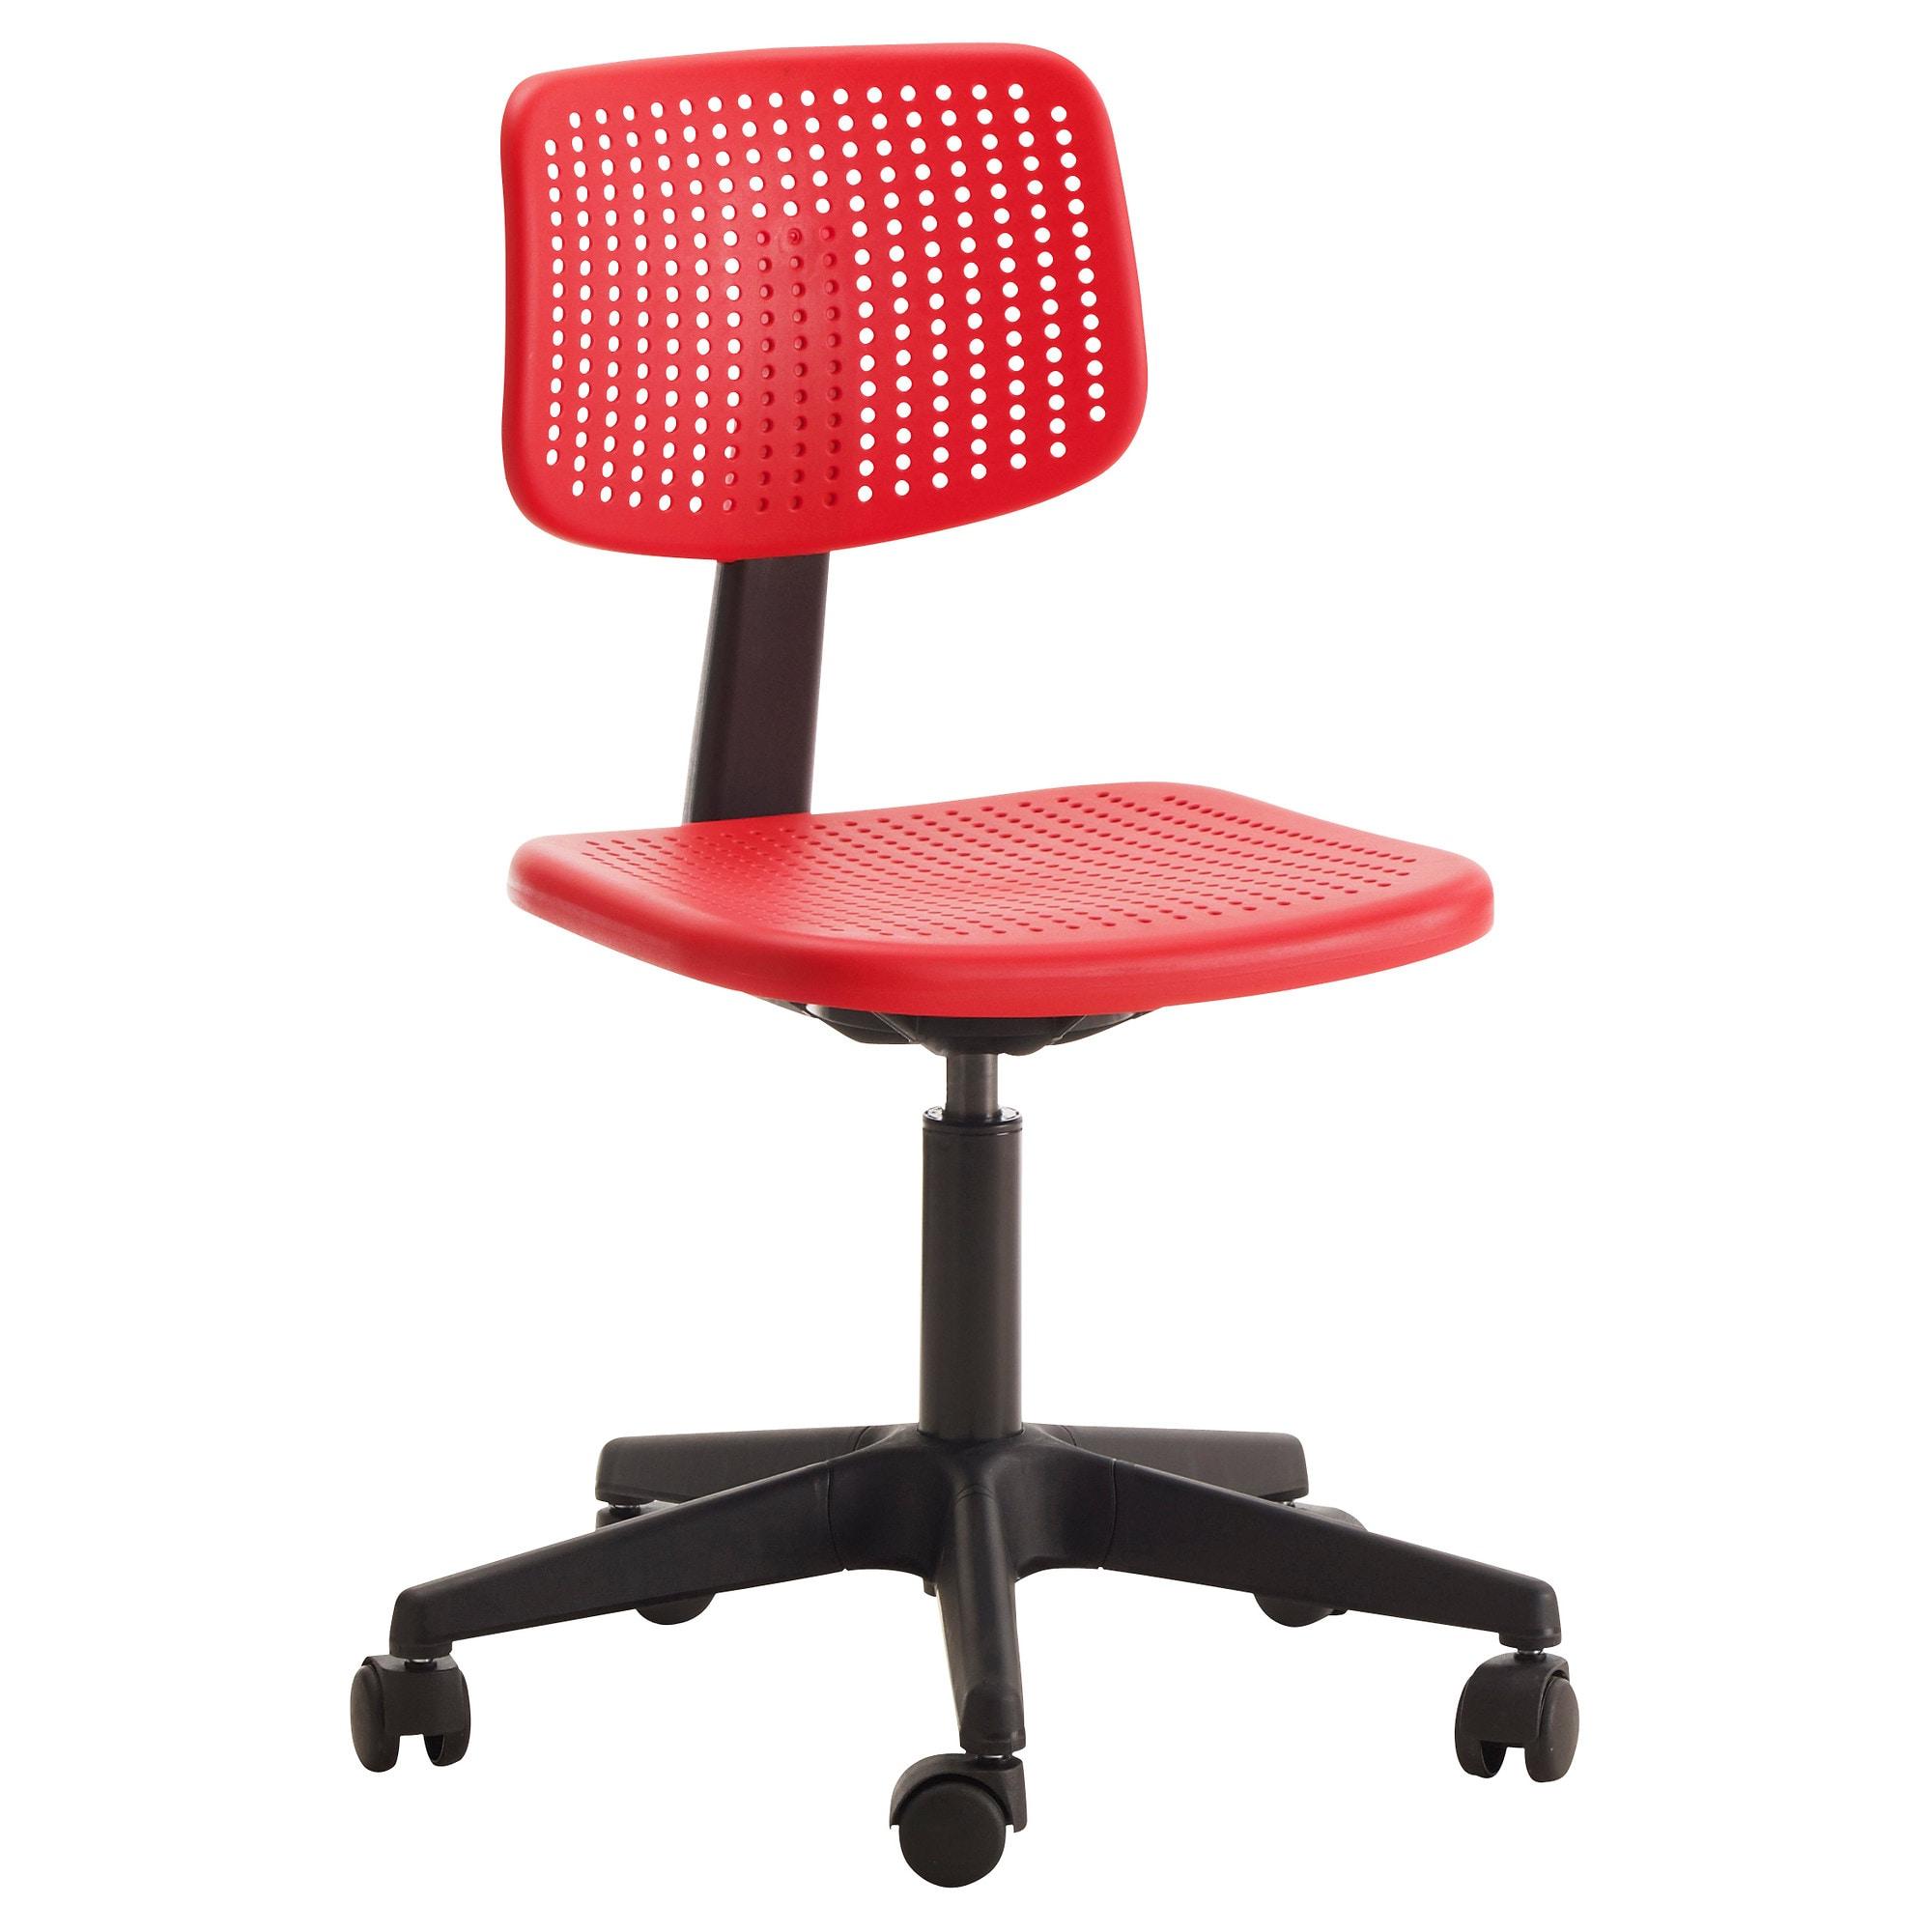 Sillas De Despacho Ikea 3ldq Sillas De Oficina Y Sillas De Trabajo Pra Online Ikea